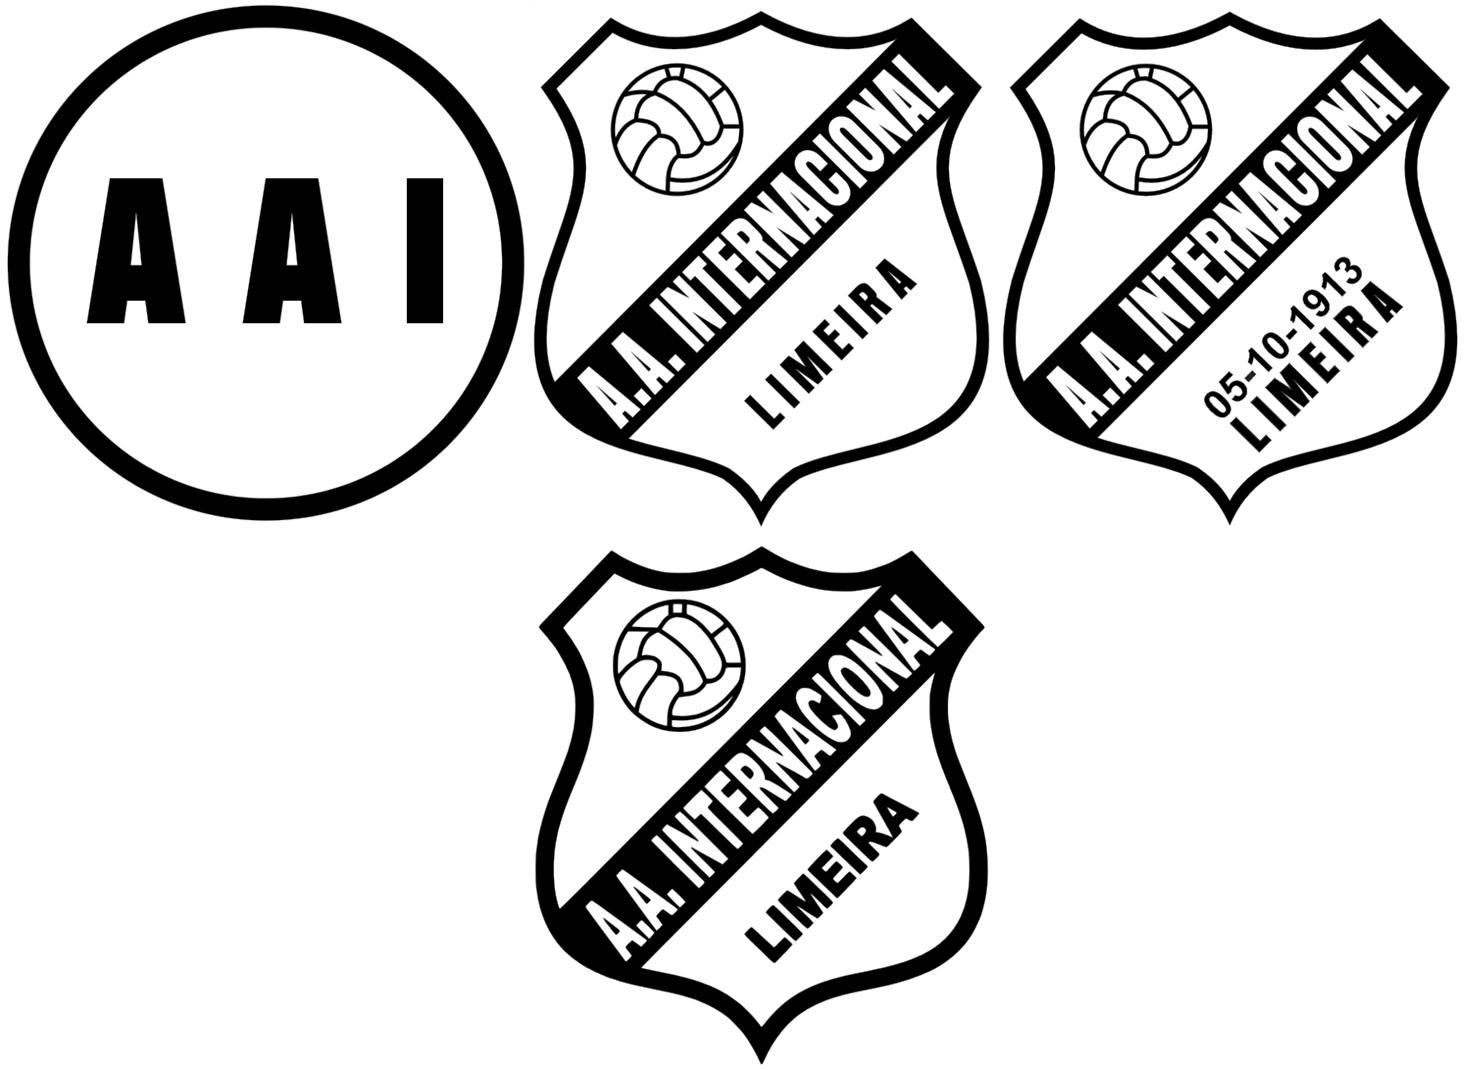 ASSOCIAÇÃO ATLÉTICA INTERNACIONAL CIDADE  LIMEIRA SP FUNDAÇÃO  05 DE  OUTUBRO DE 1913 0df90e71ca2ee